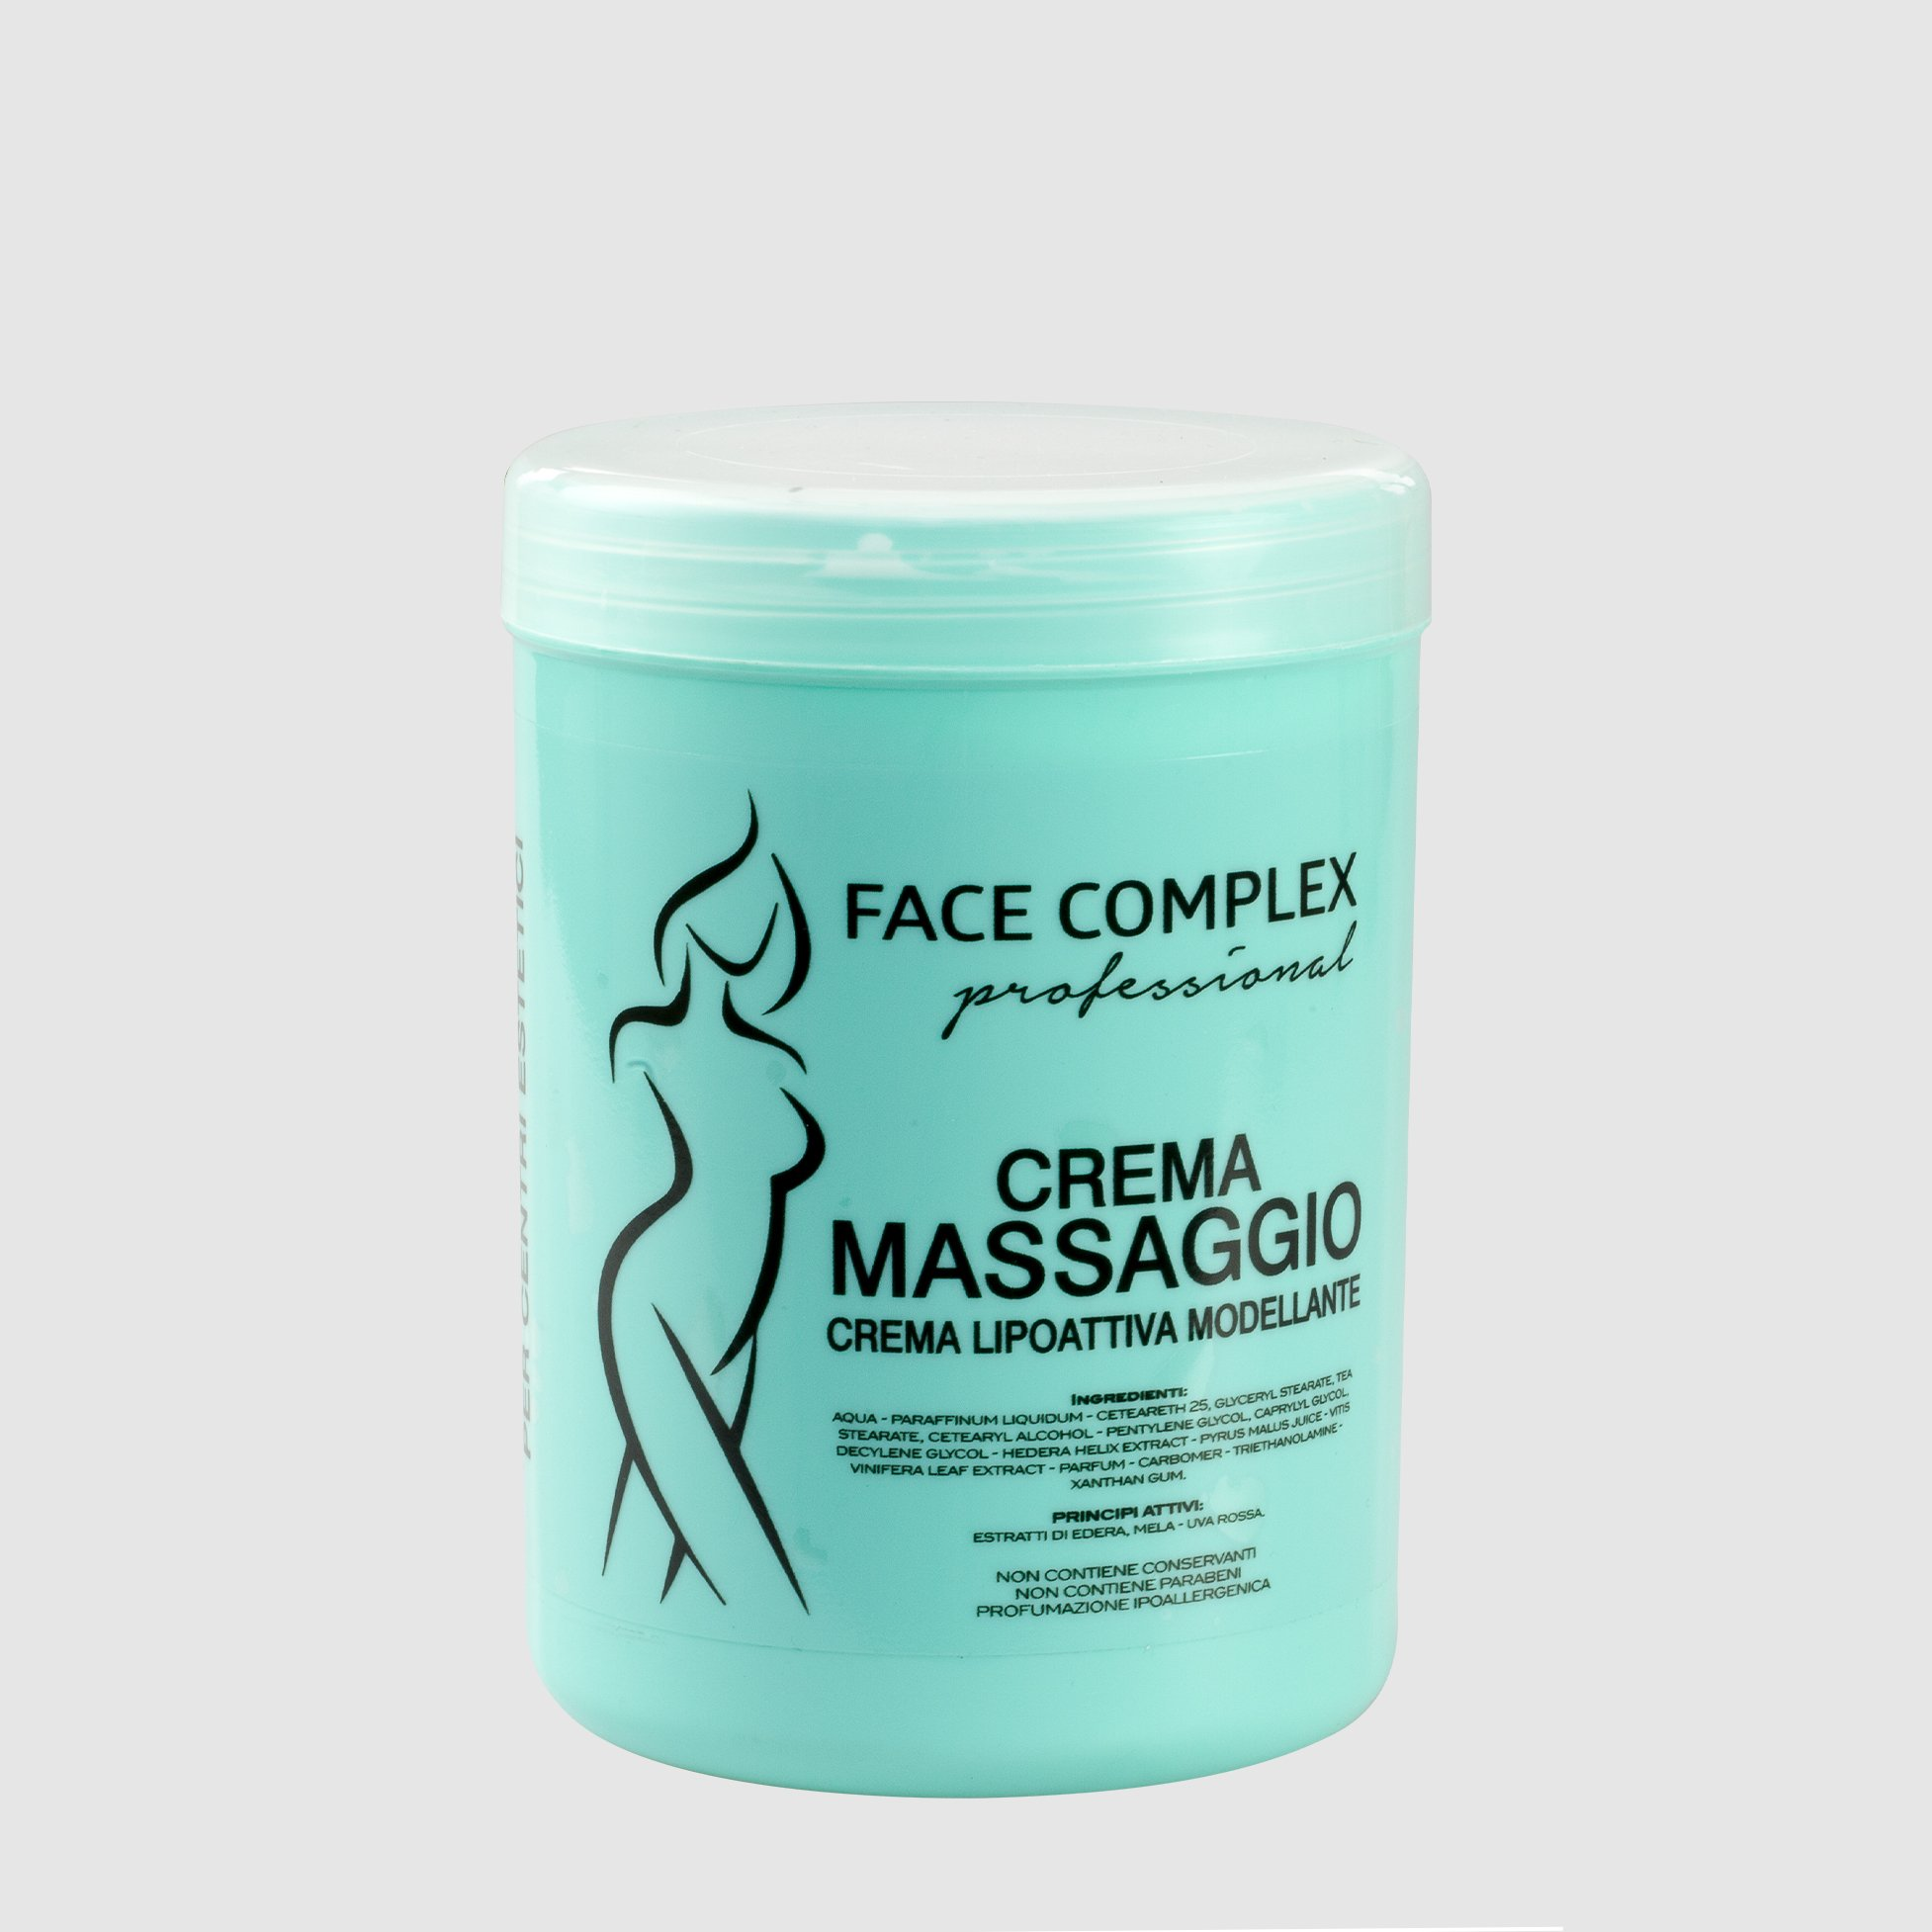 Crema Lipoattiva modellante Face Complex Cosmetics